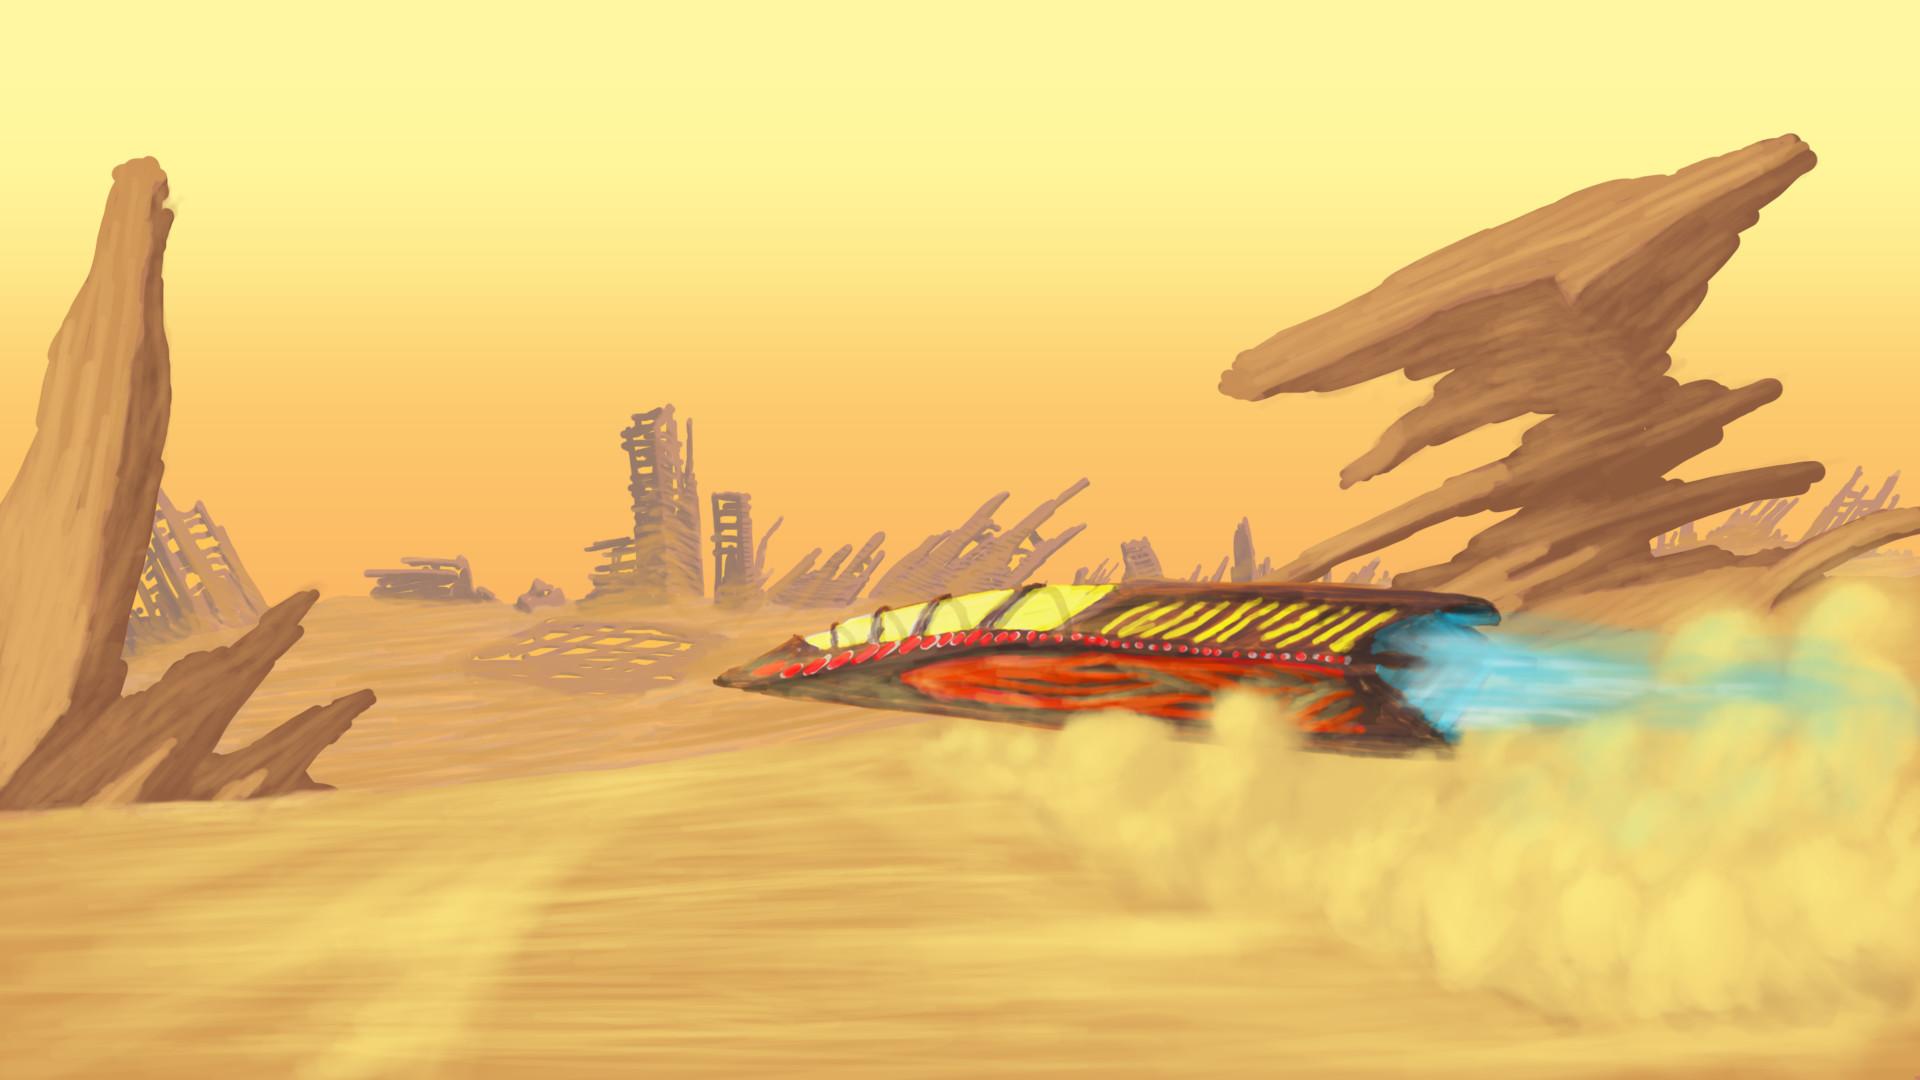 Alexander laheij desert landscape scifi racecar